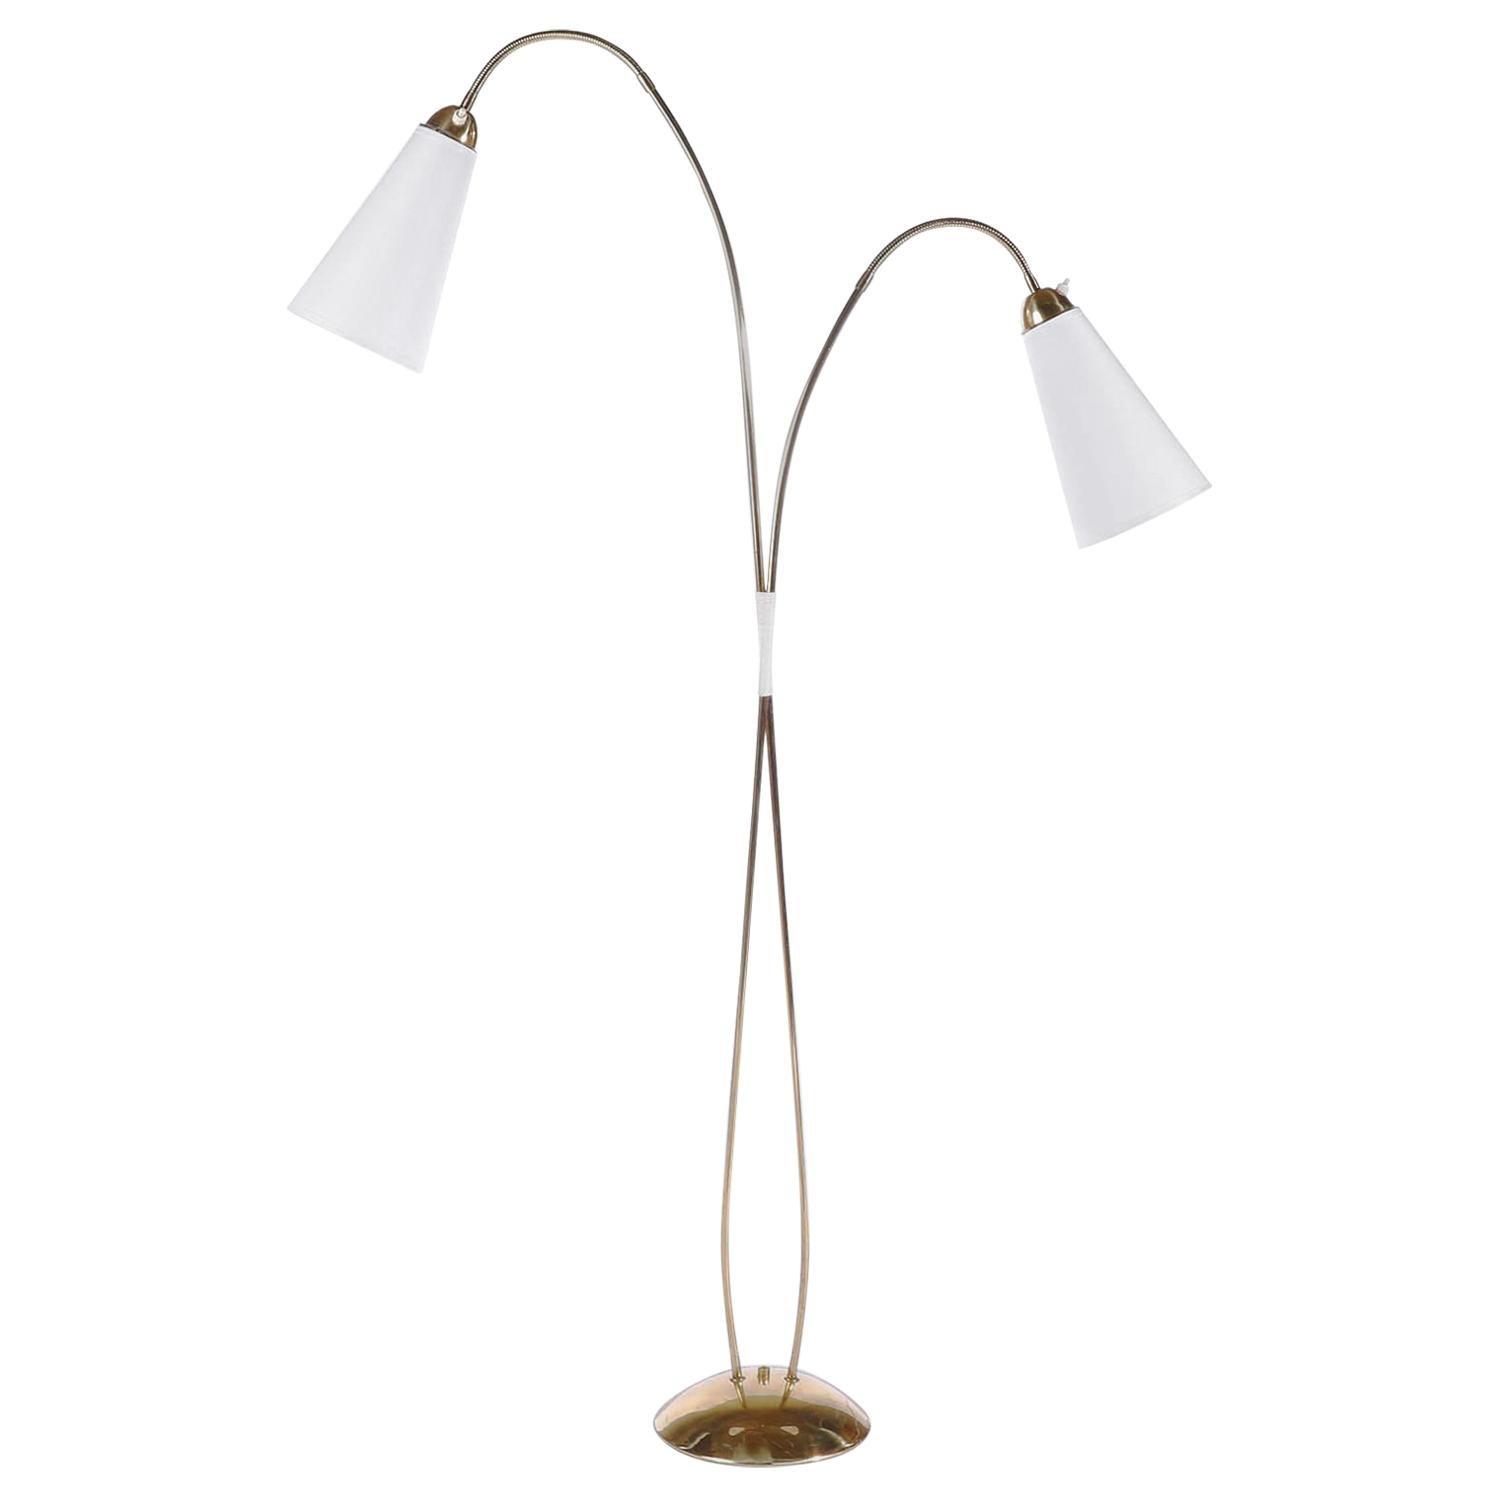 Brass Floor Lamp by Rupert Nikoll, Flexible Arms, Austria, 1960